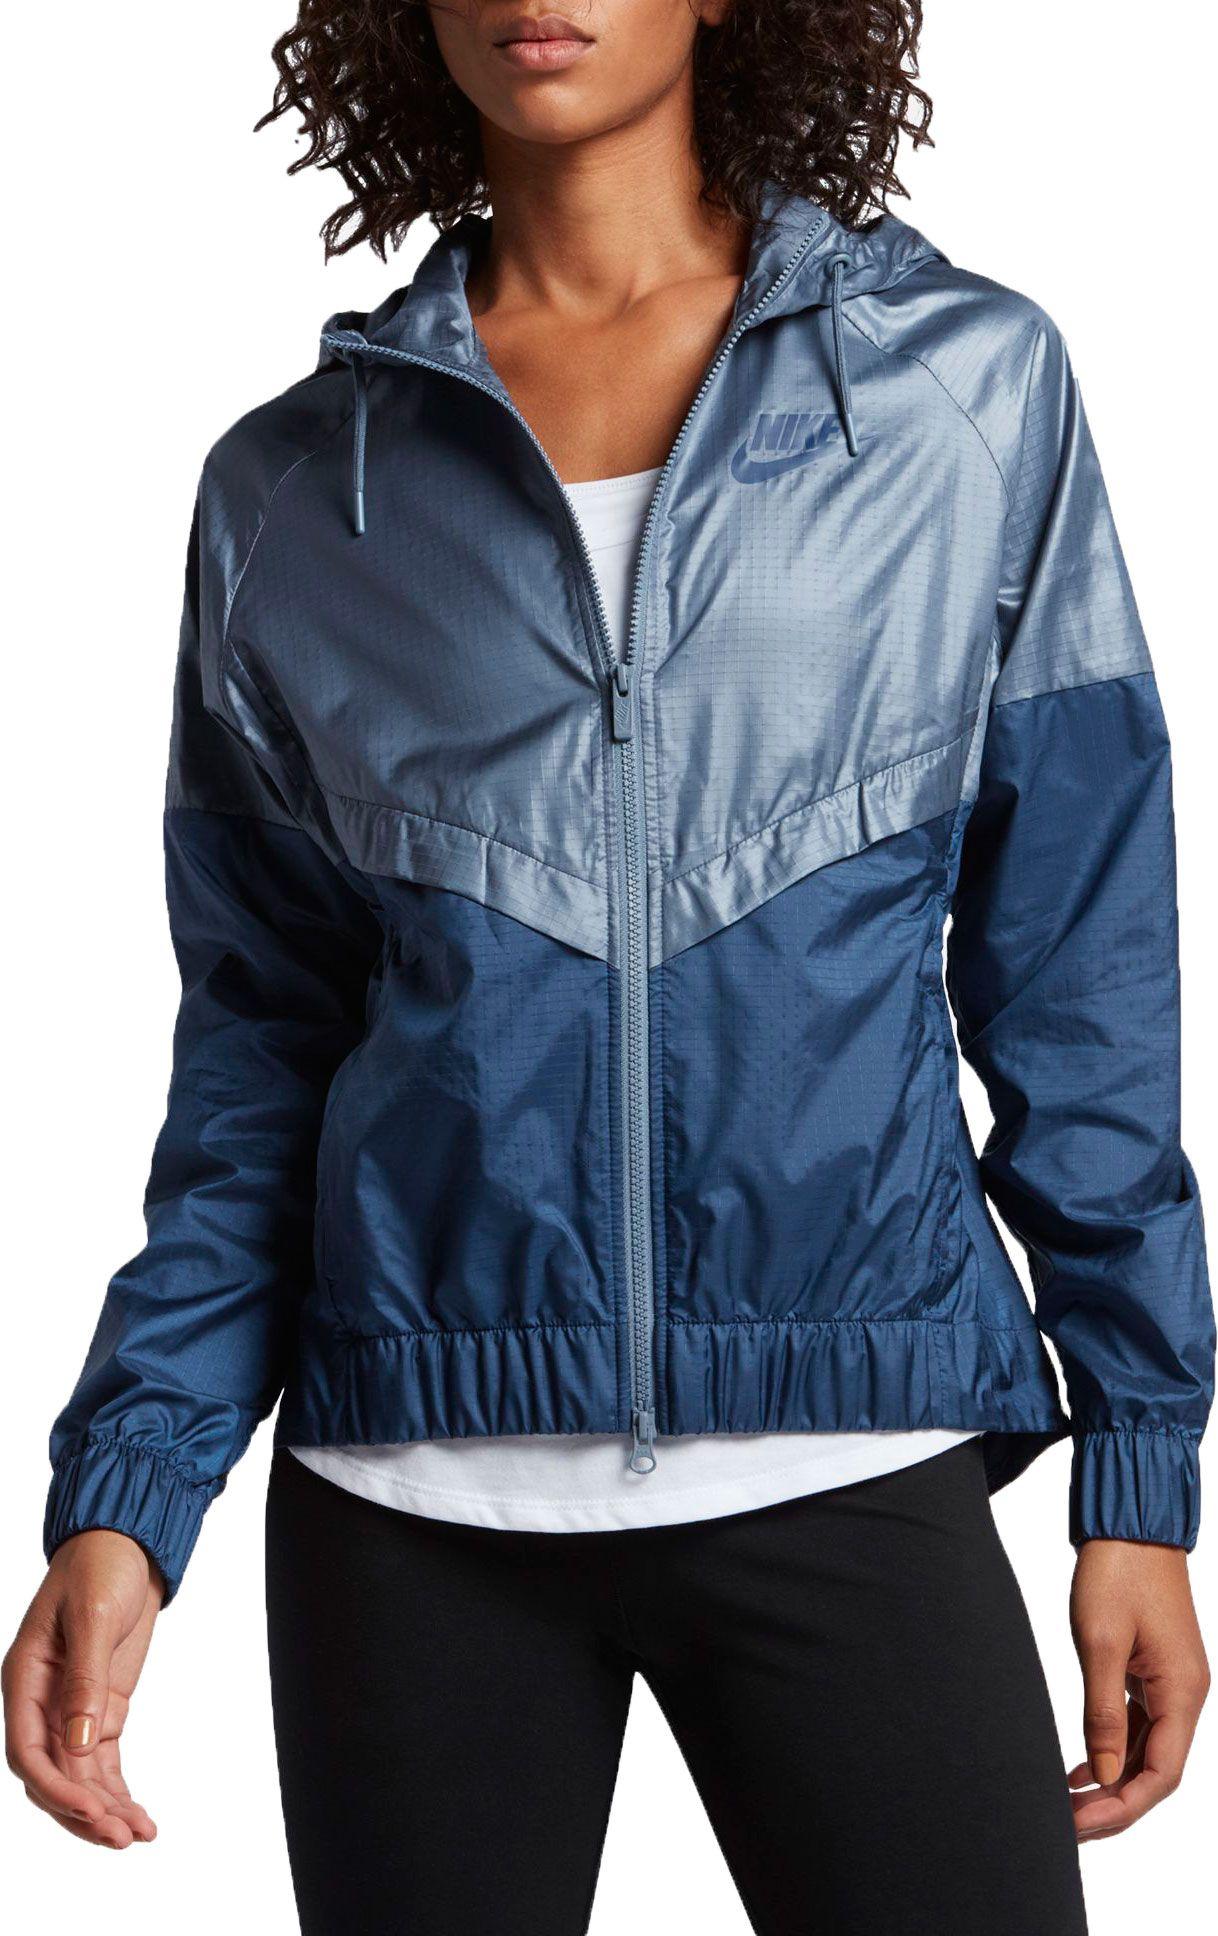 women winter jackets product image nike womenu0027s sportswear windrunner full zip jacket DVNVEBH